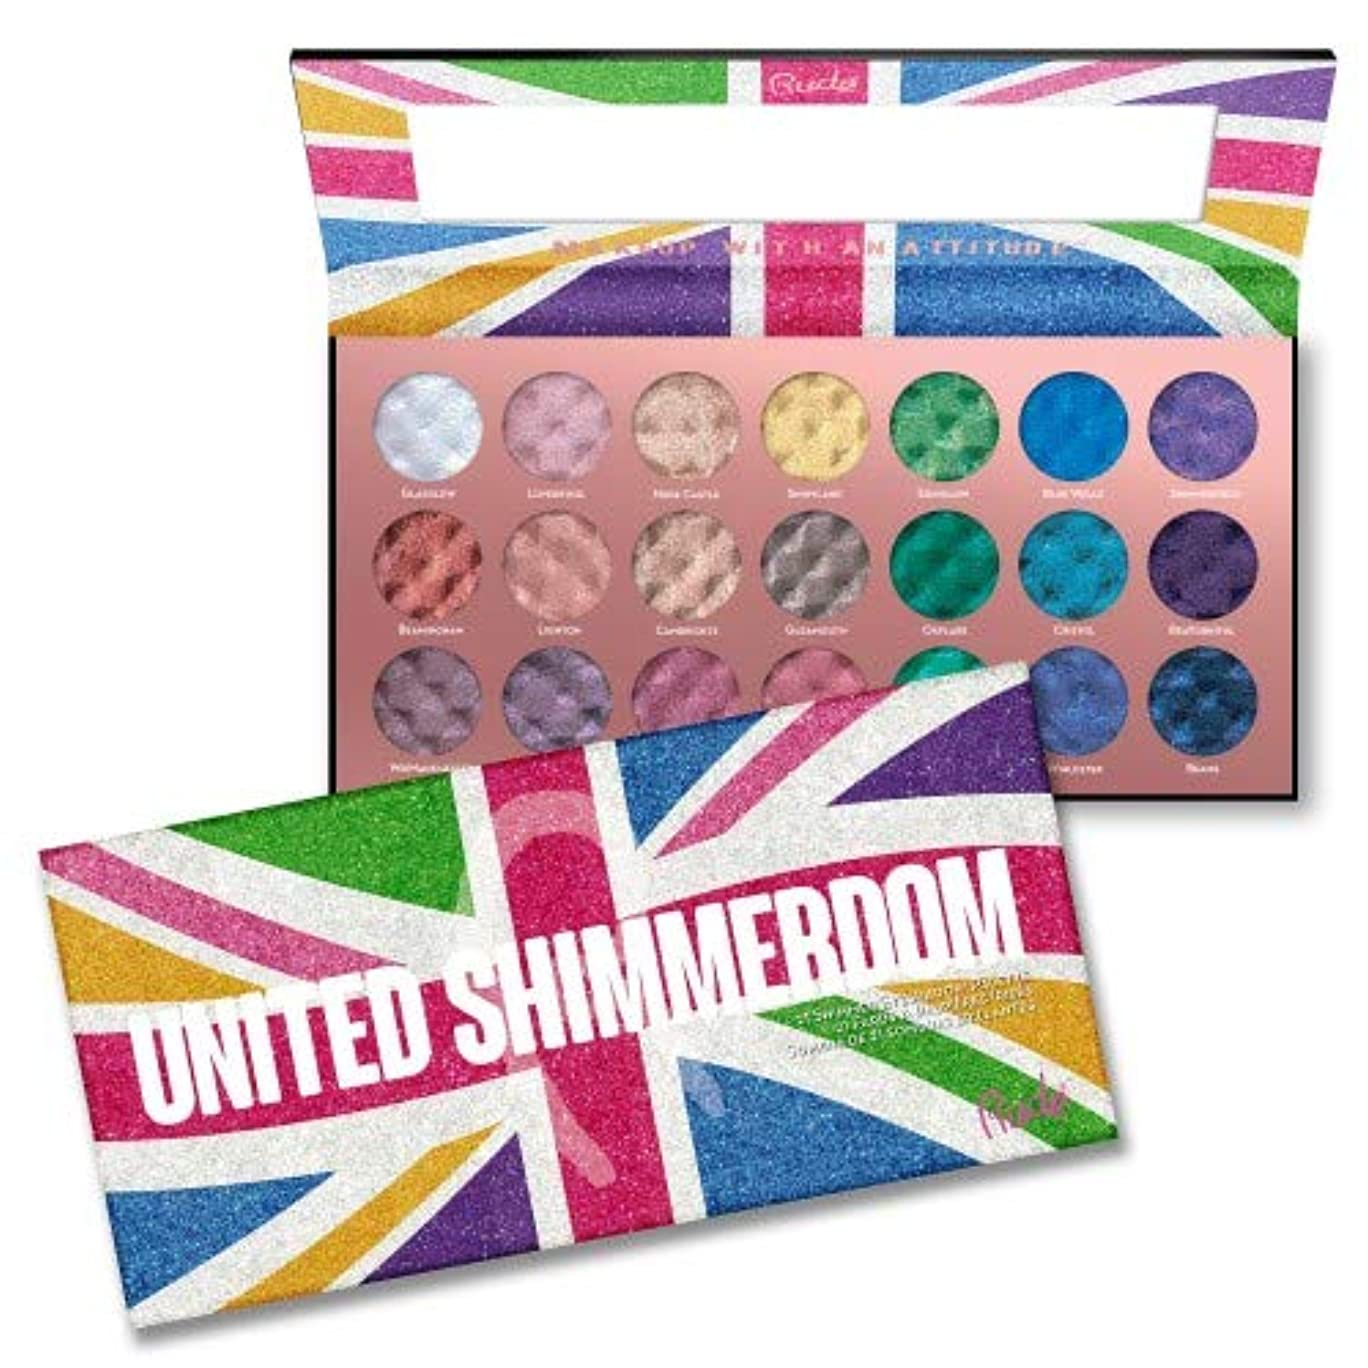 シガレット確かによく話されるRUDE United Shimmerdom - 21 Shimmer Eyeshadow Palette (並行輸入品)